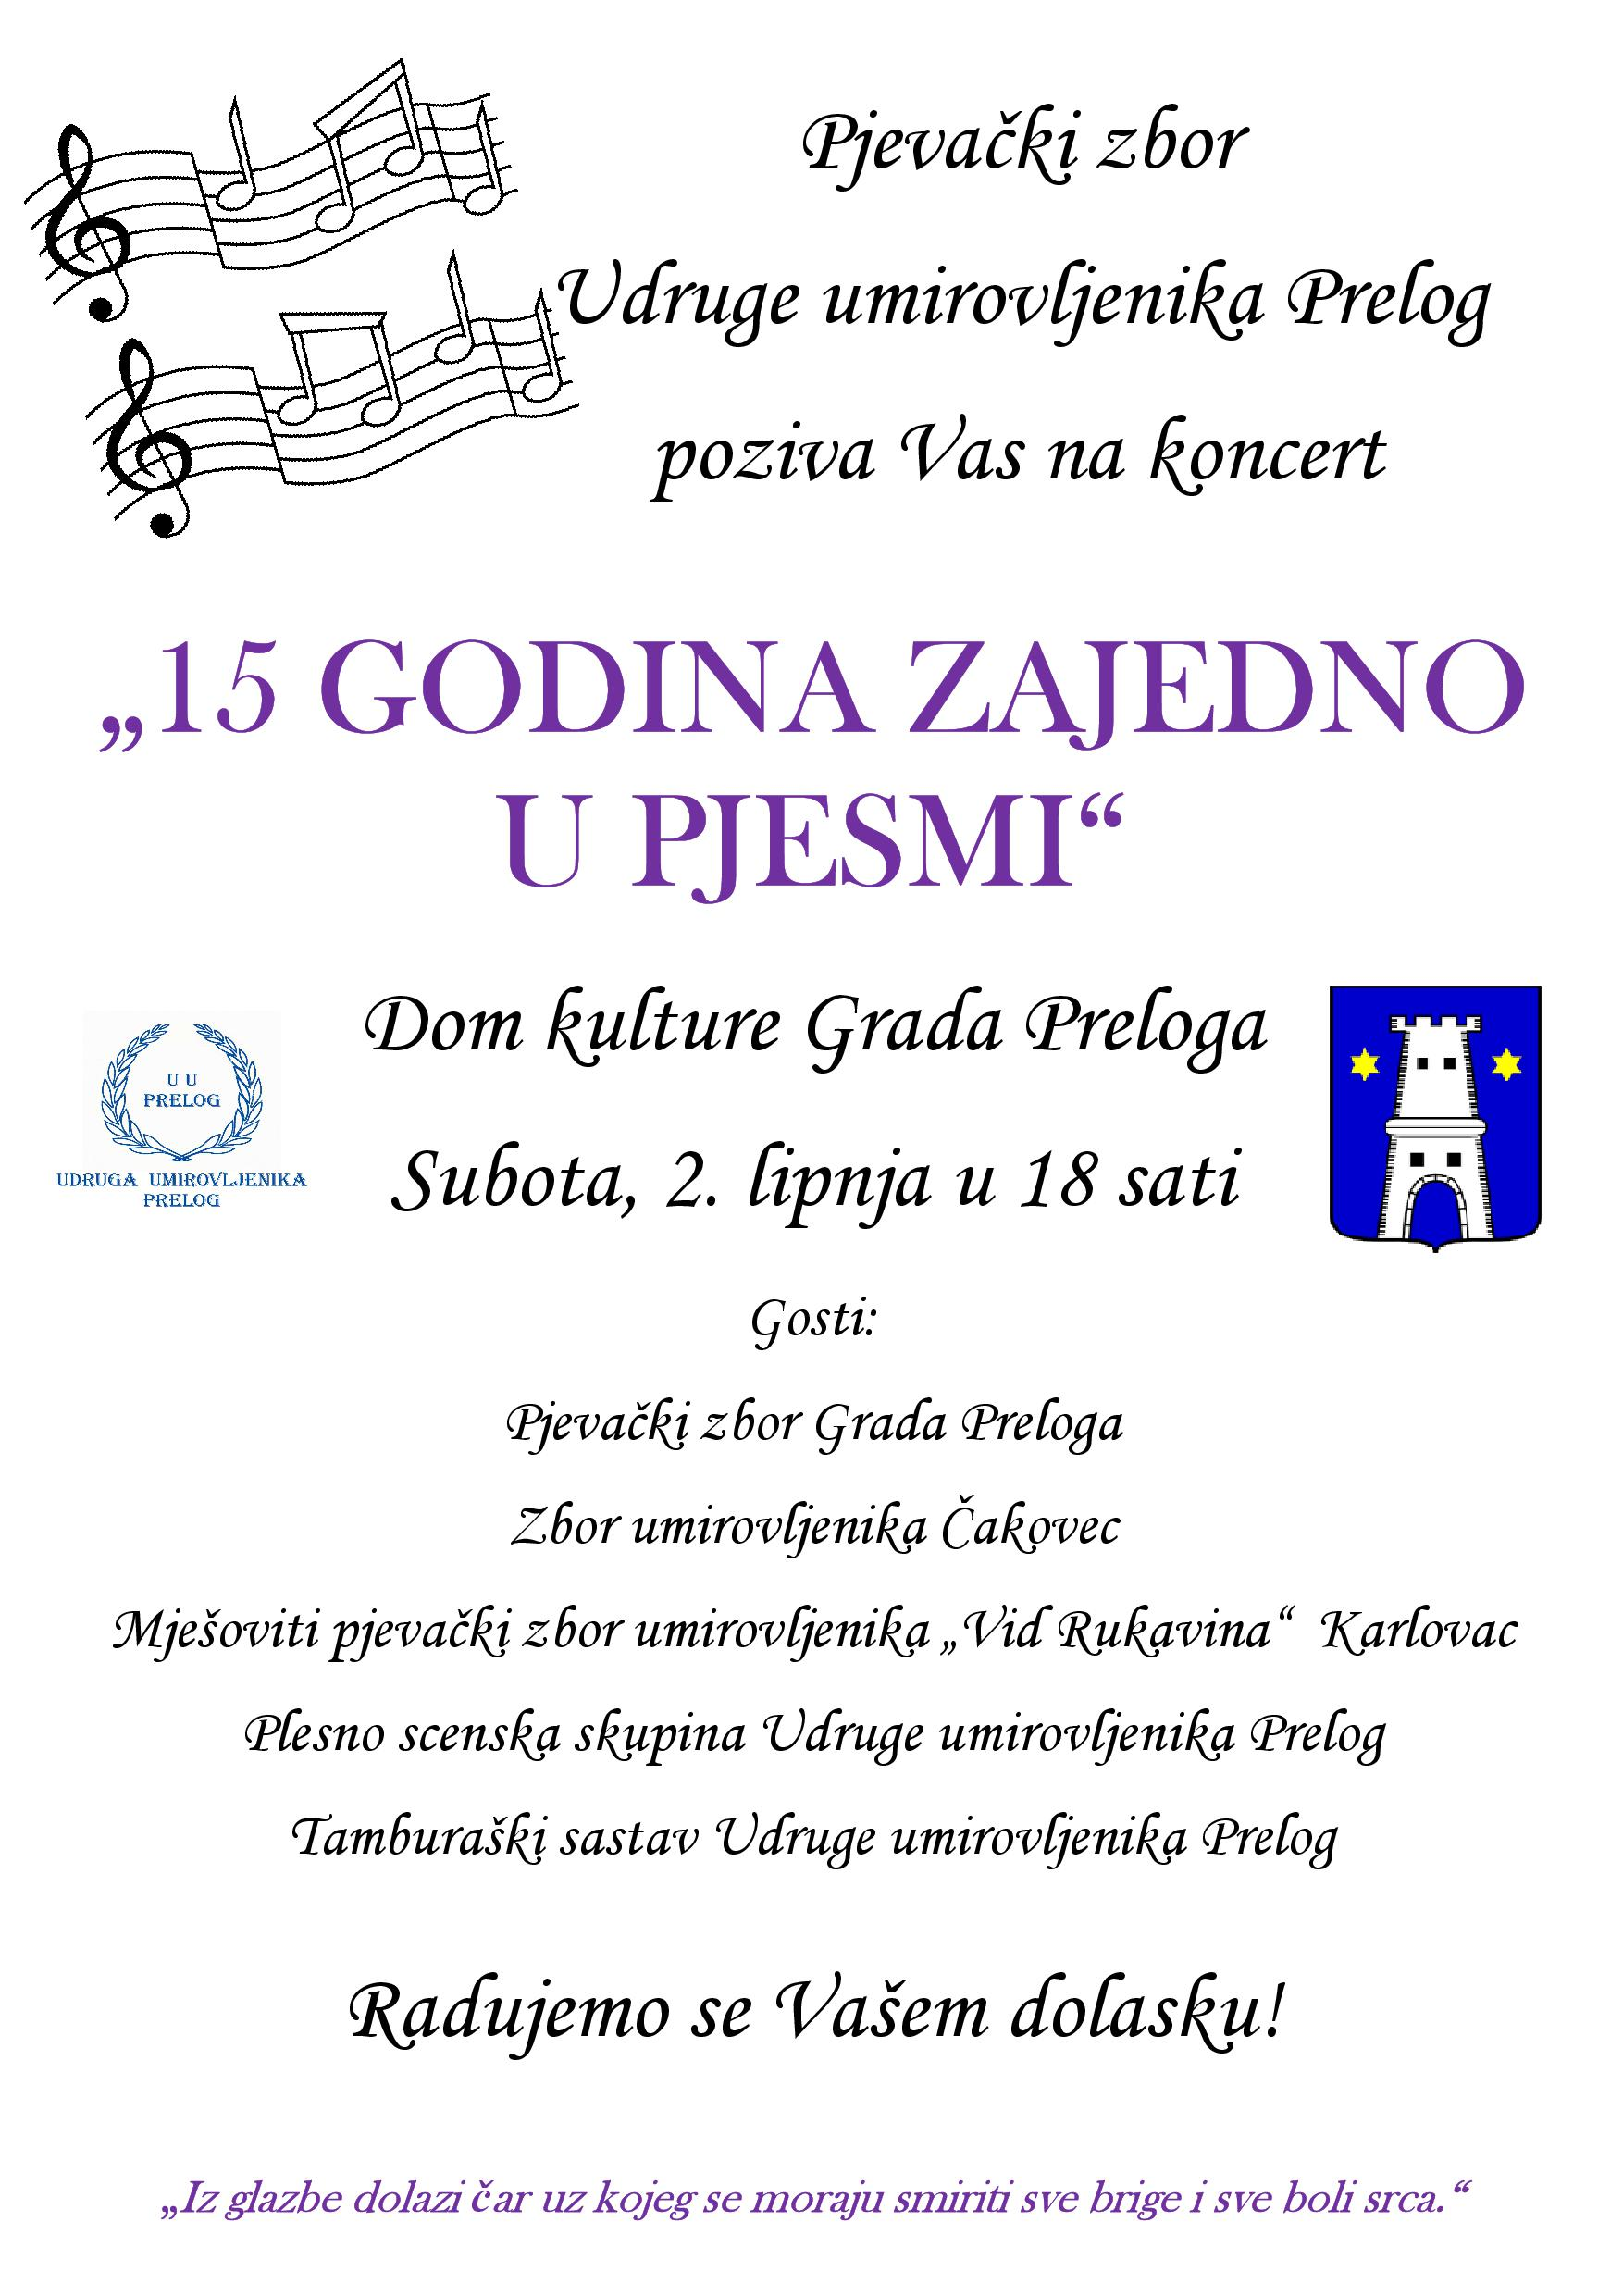 kako proslaviti 15 rođendan Grad Prelog : 15. rođendan Pjevačkog zbora Udruge umirovljenika Prelog kako proslaviti 15 rođendan